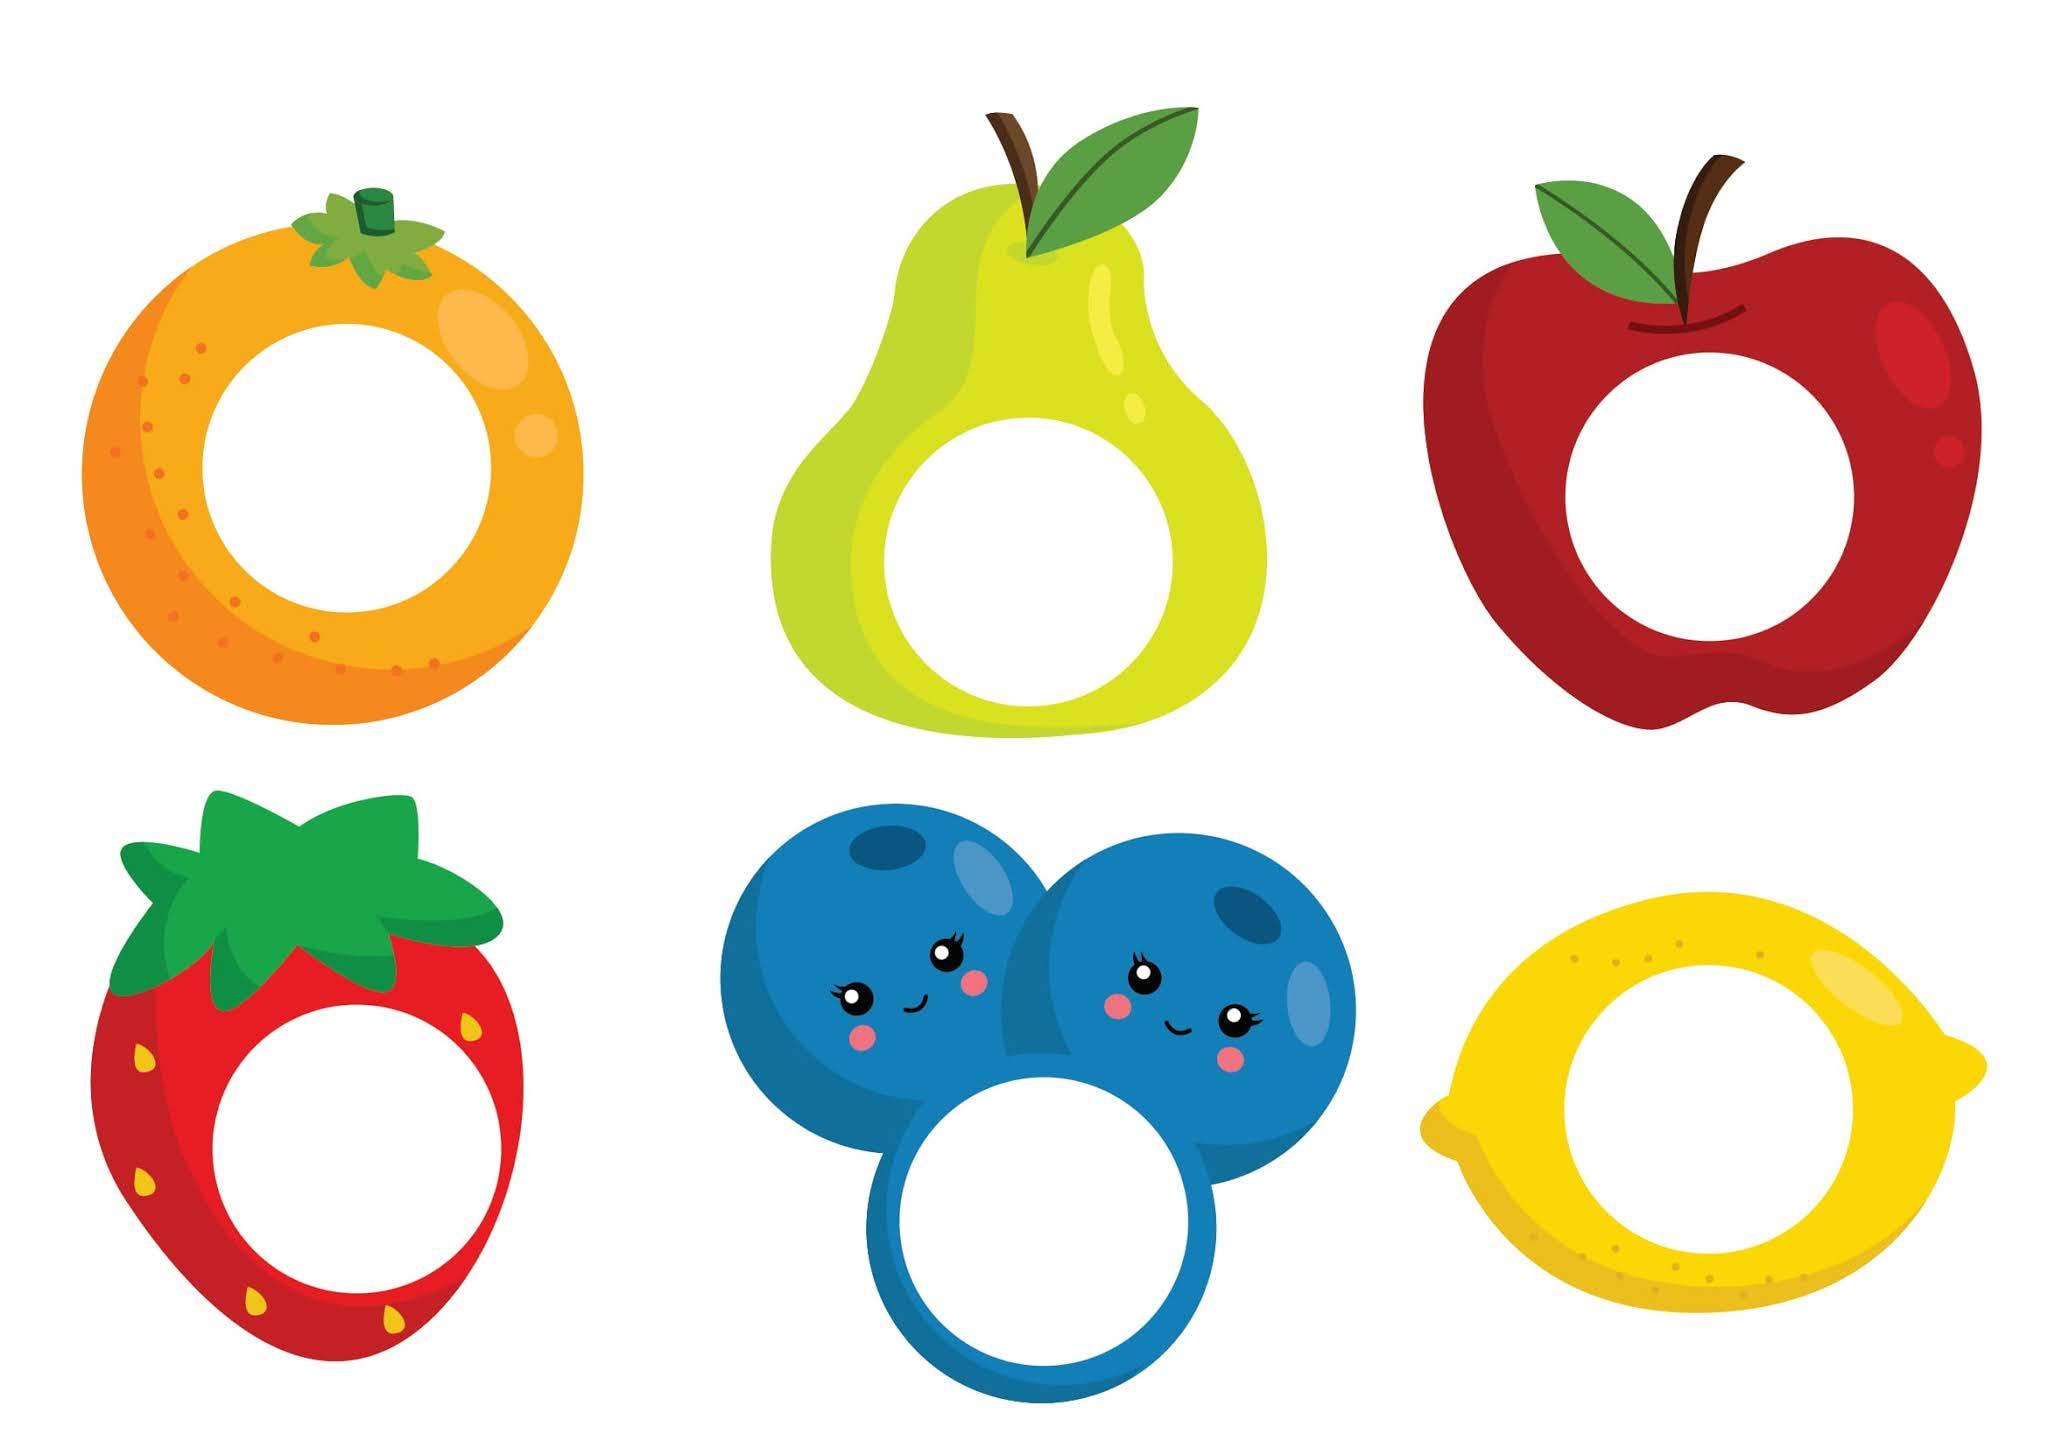 Atividade com Frutas: associação de cores, reconhecendo as frutas e raciocínio lógico